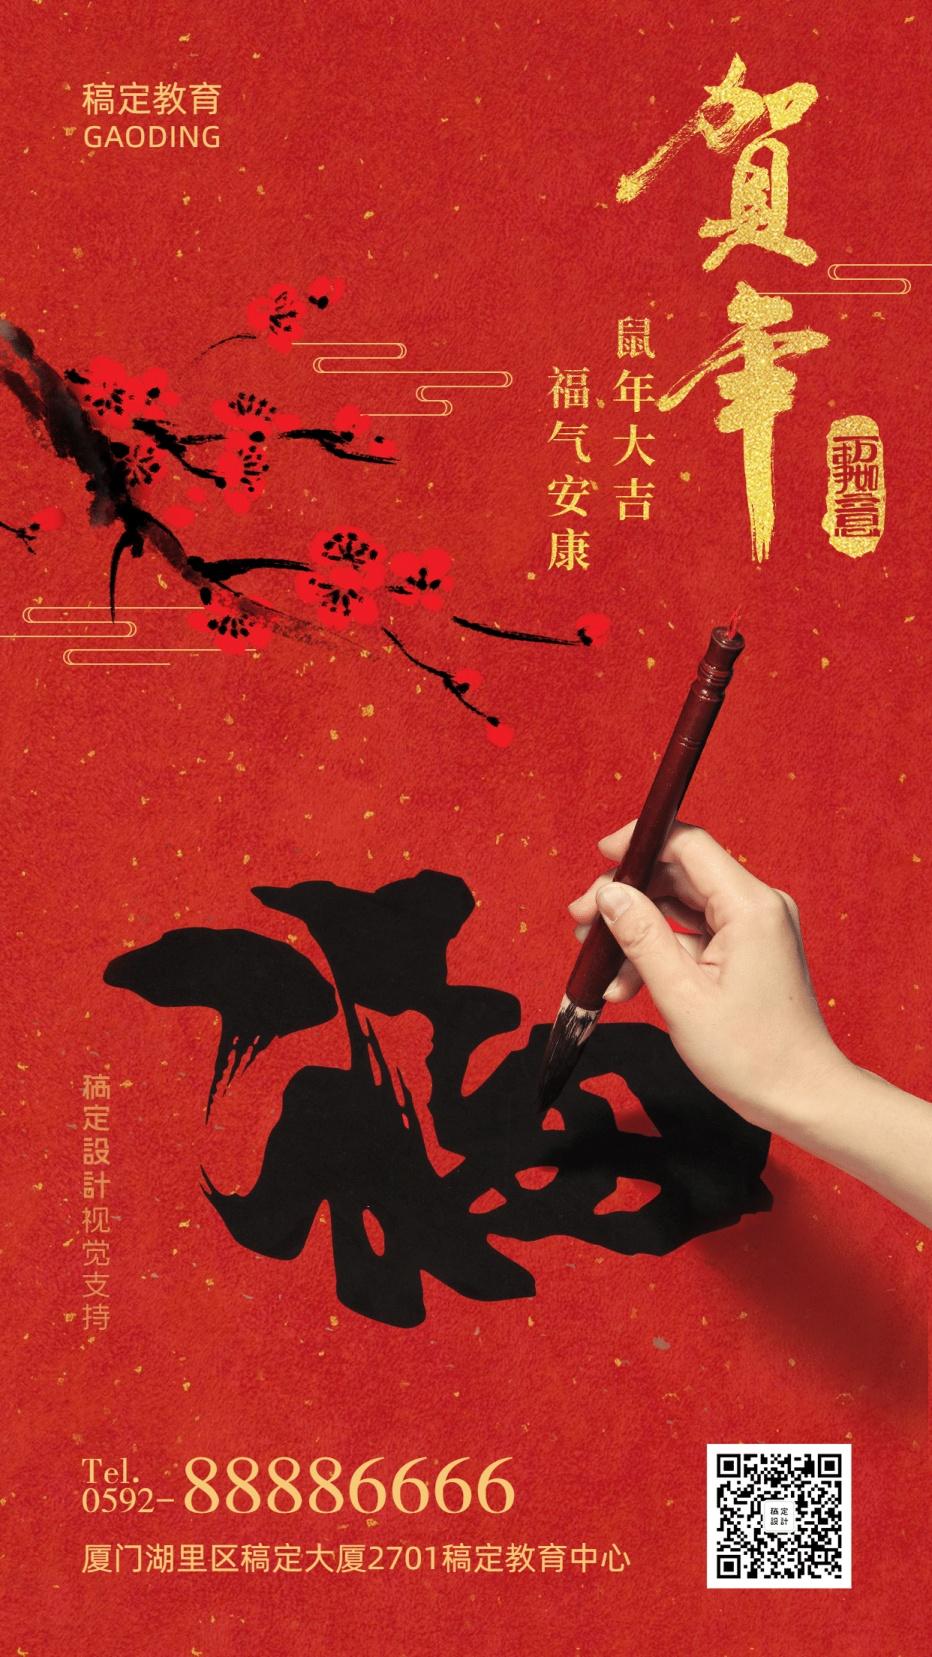 书法福字贺年春节祝福手机海报